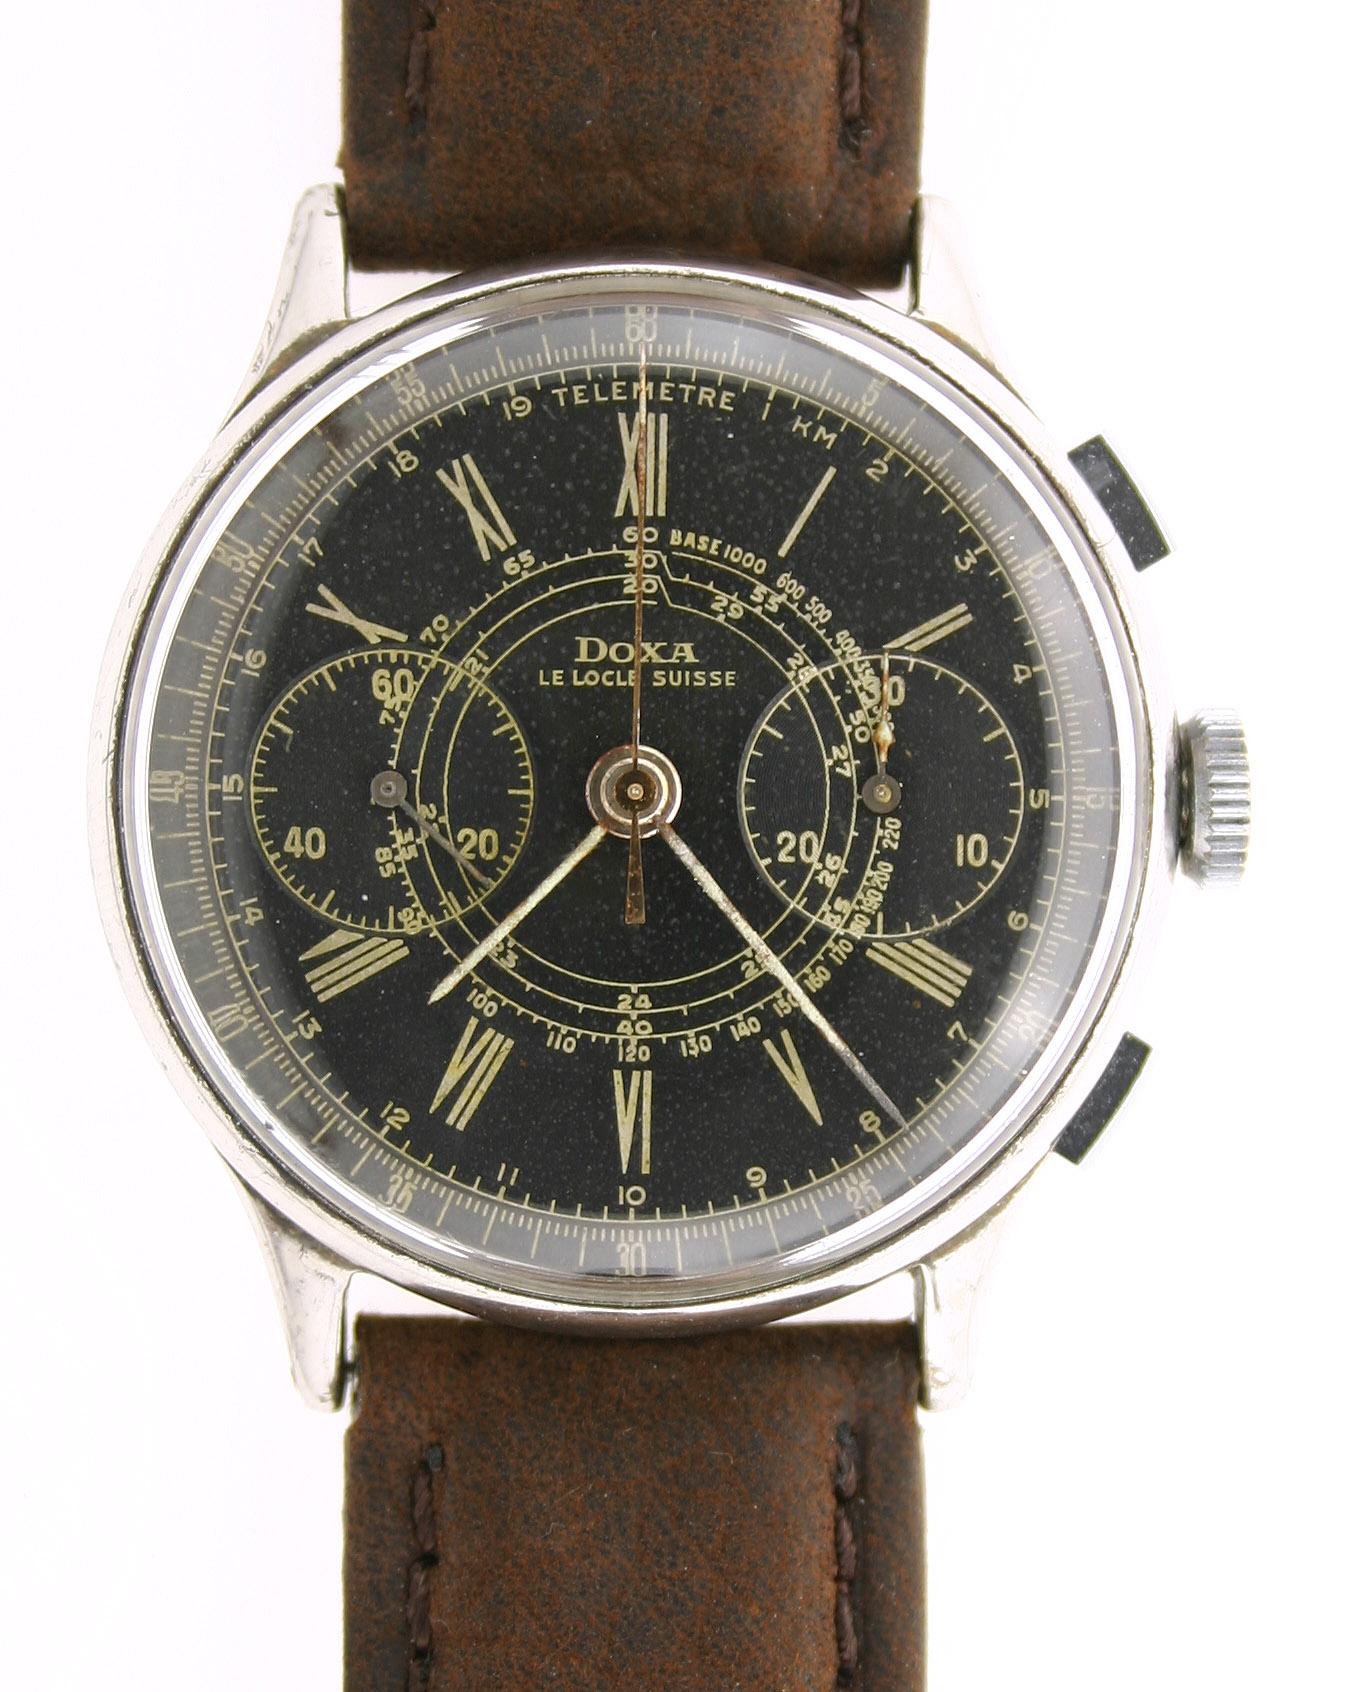 for sale doxa watches vintage doxa watches doxa